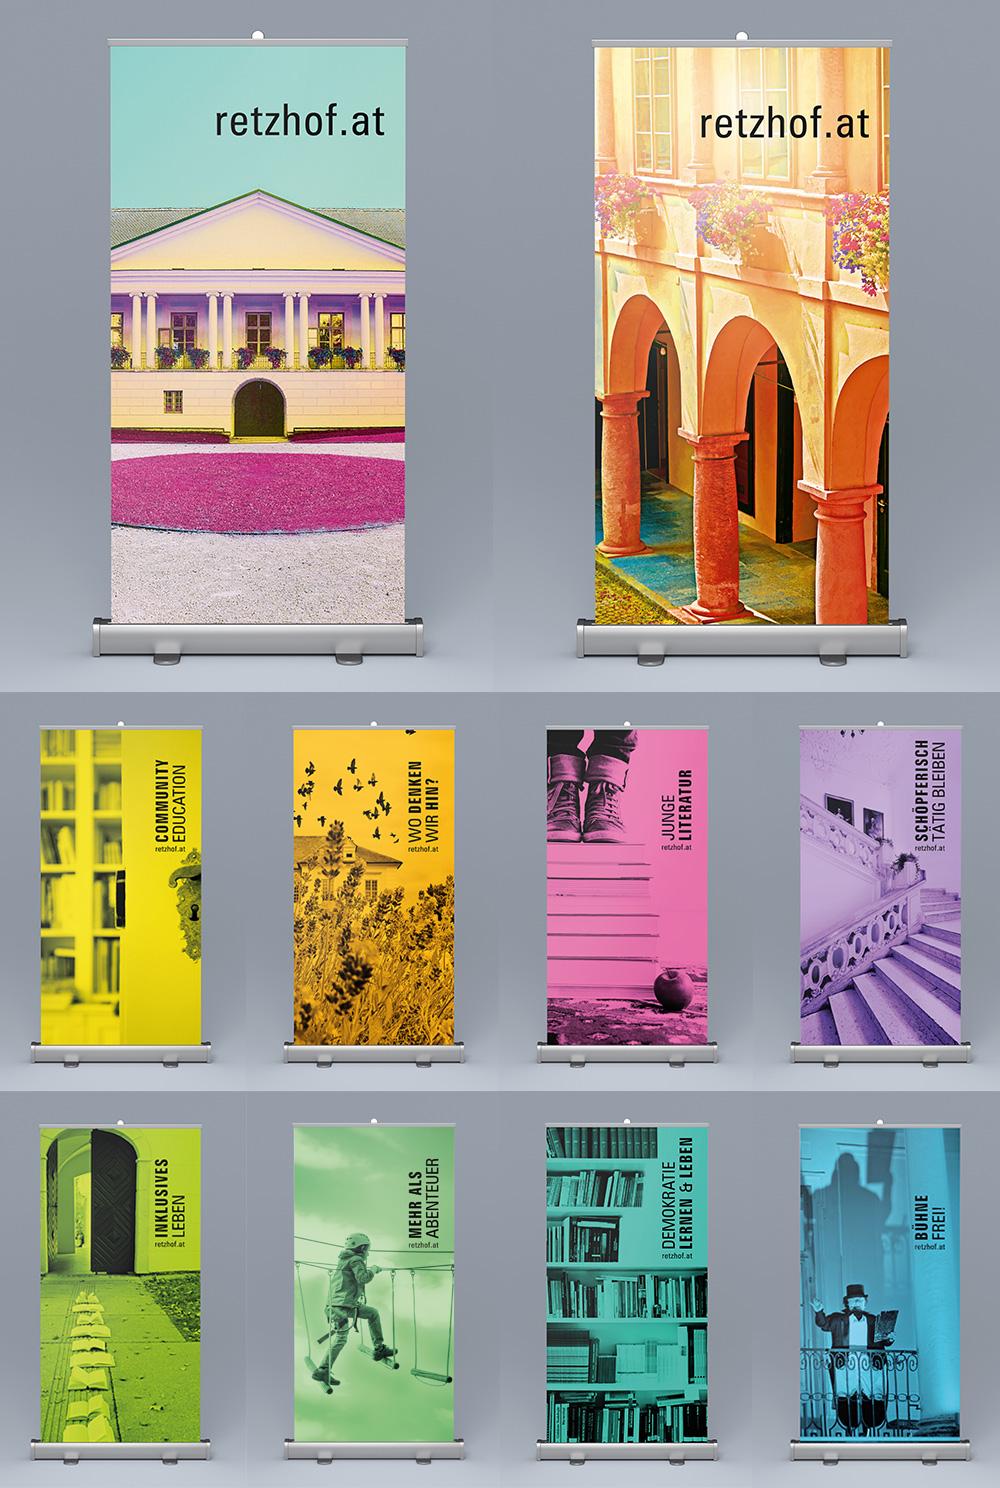 Neue Rollups für das Bildungshaus.  Weil das Leben (wie der Retzhof) viele Farben hat! ;)